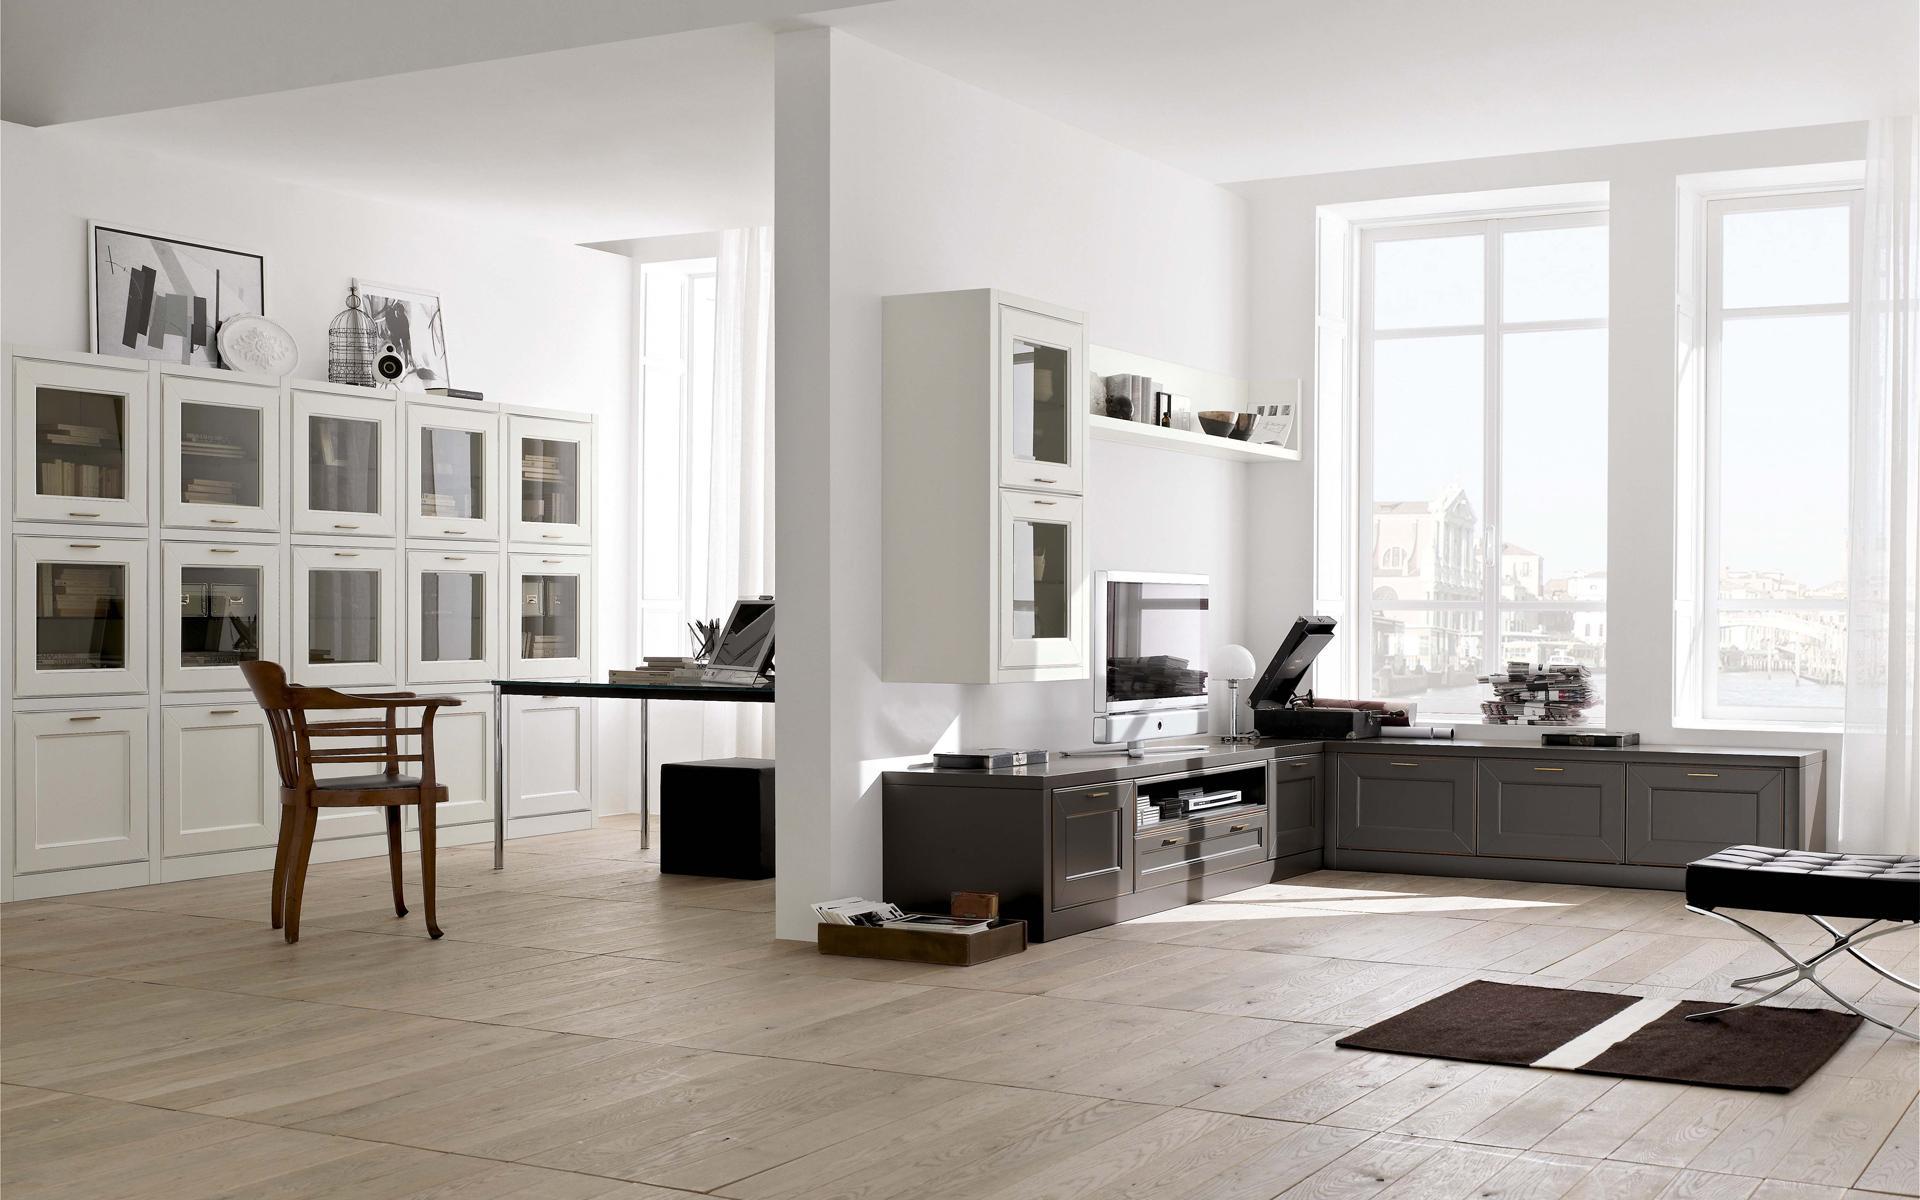 Arredo classico apuzzo mobili dal 1953 for Arredamento lussuoso